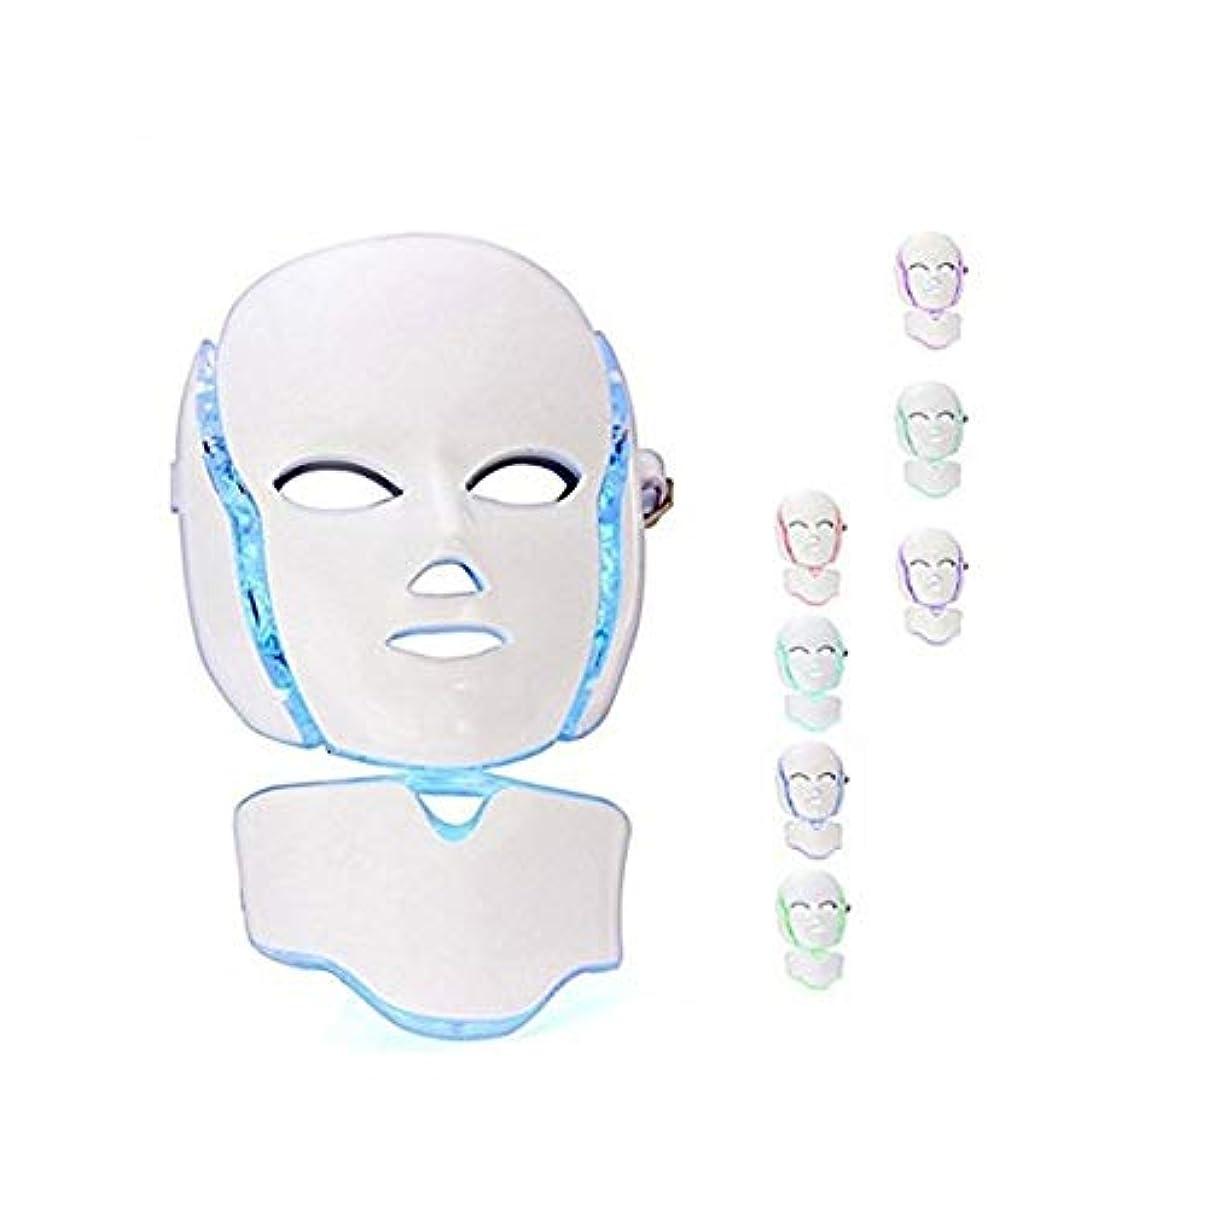 起こる押す習慣7色のLEDフォトン顔はしわのためのセラピー?フェイシャル&ネックビューティースキンケアマスクマスク、にきびアンチエイジング&健康的な肌の若返りコラーゲン